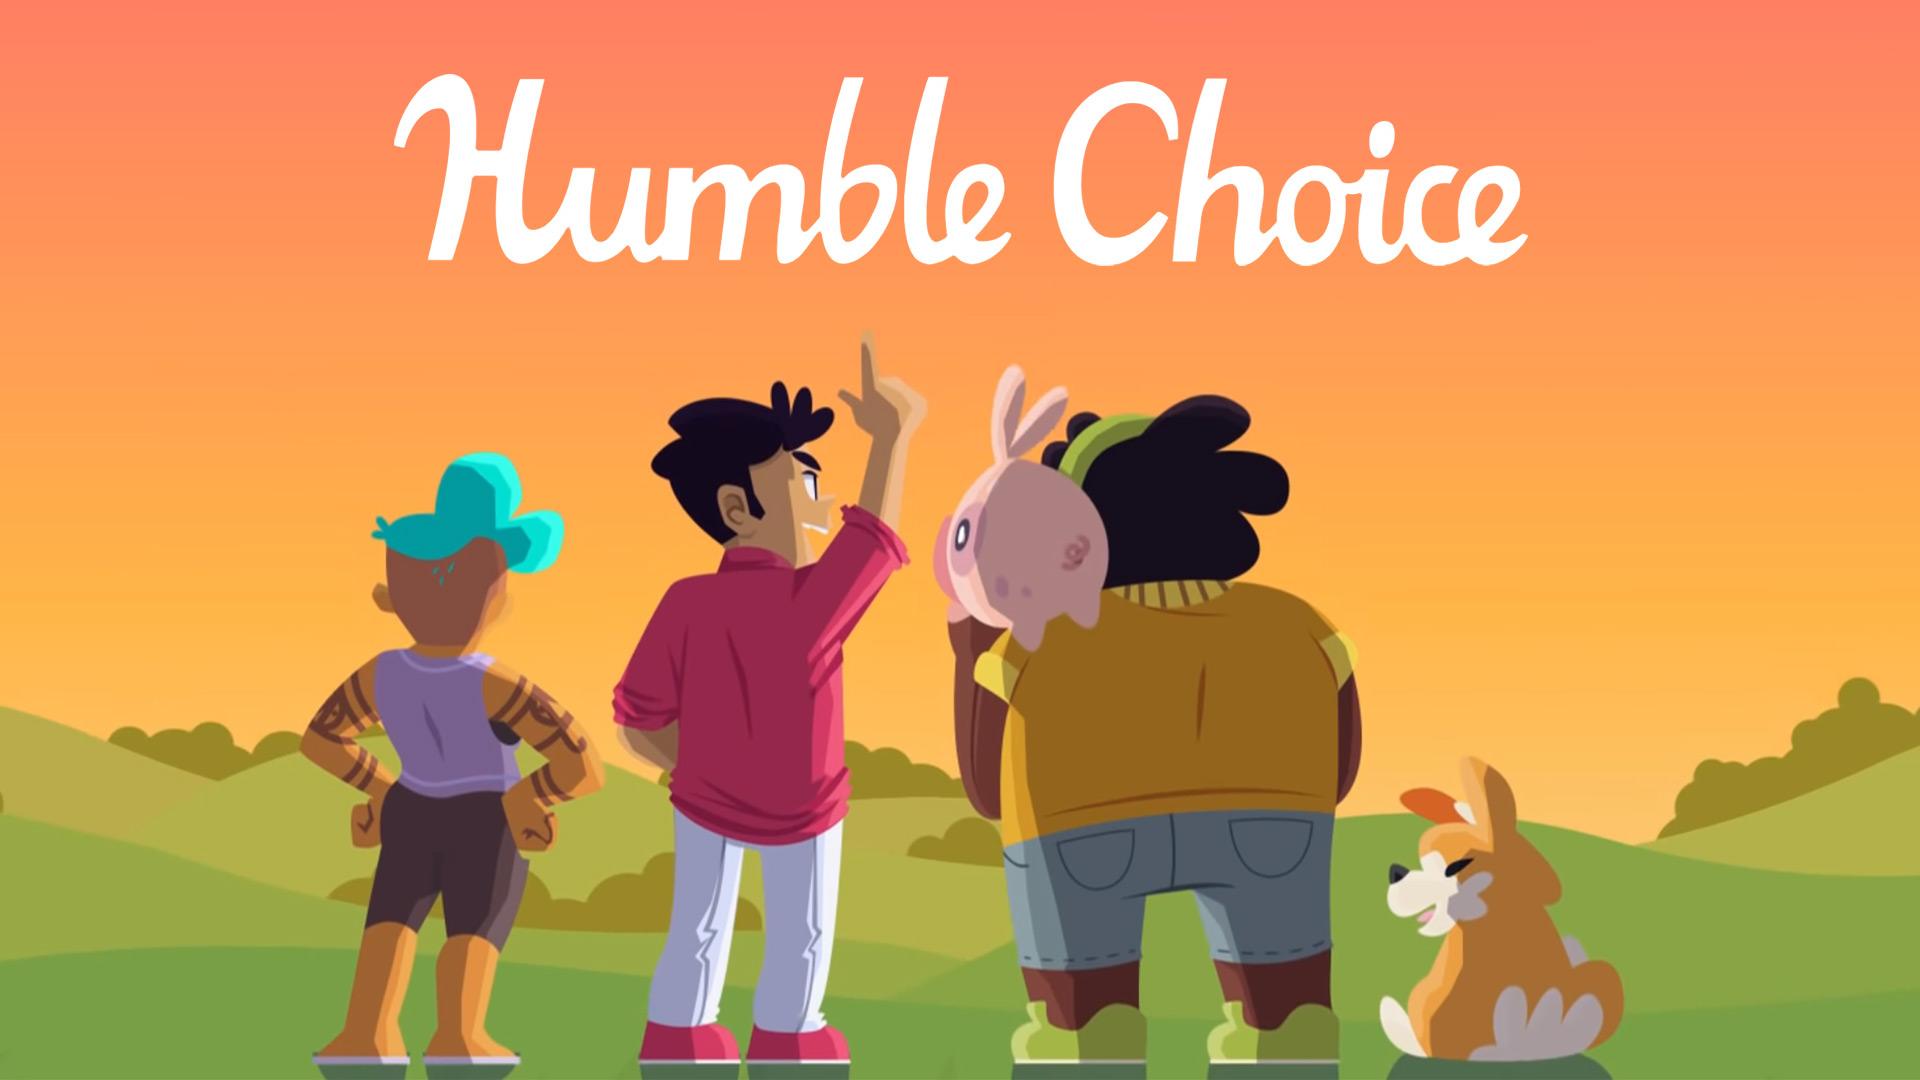 Quelle: Humble Bundle - Humble Choice Artwork